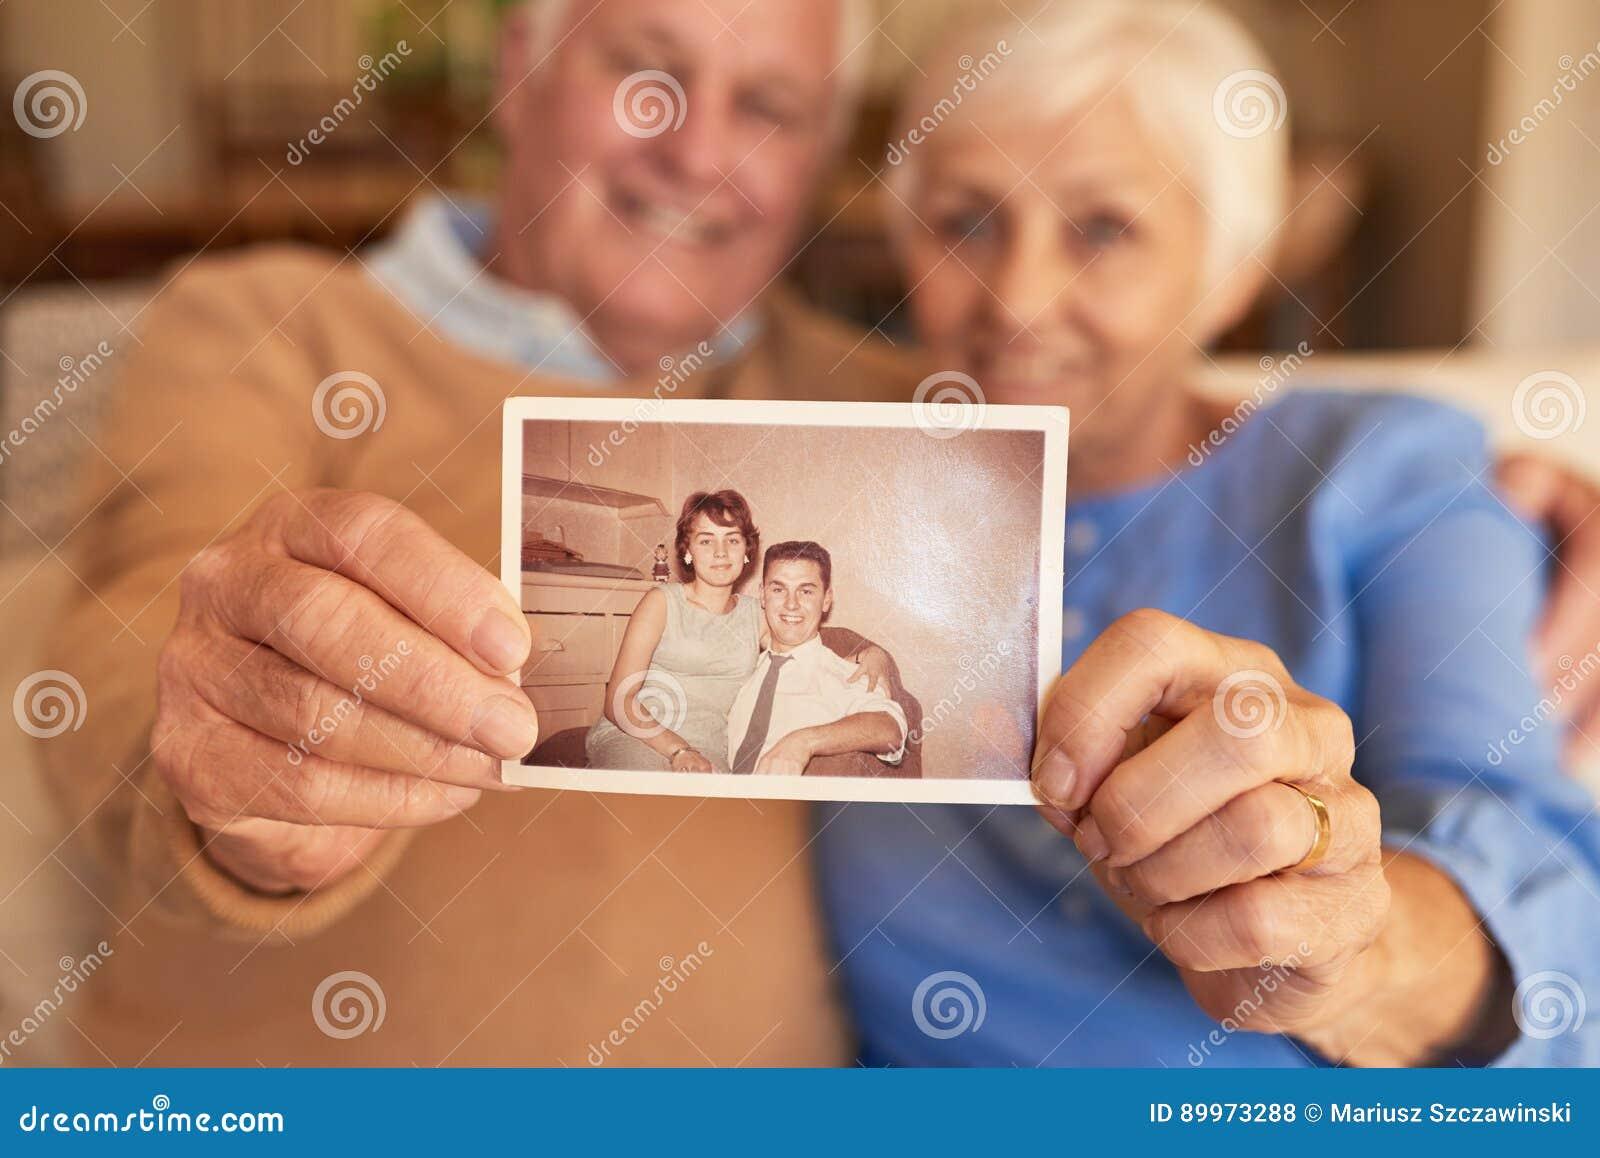 Ręki trzyma ich młodocianą fotografię w domu starsza para